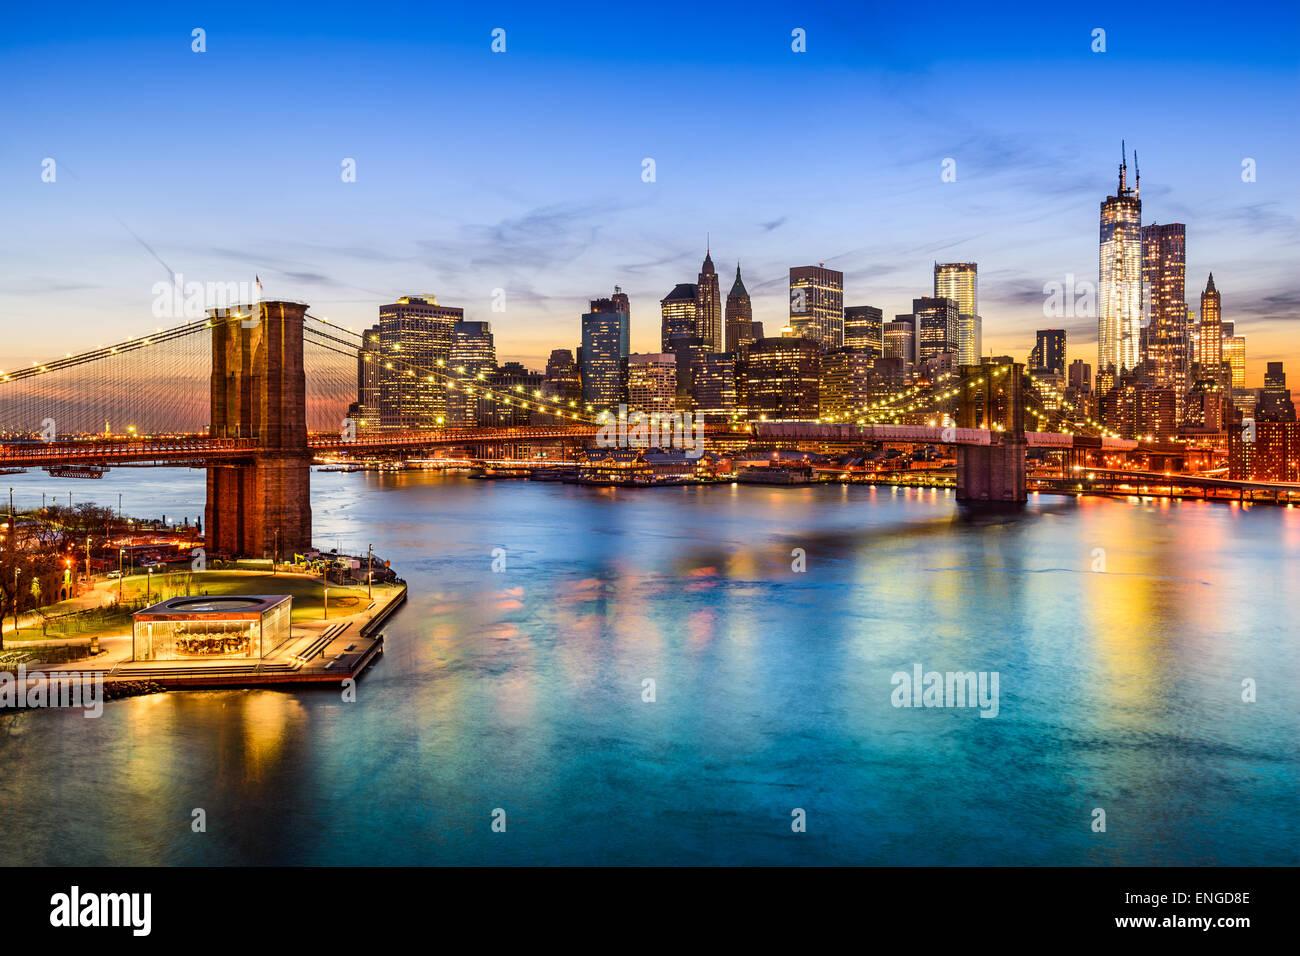 La Ciudad de Nueva York, EE.UU skyline a lo largo de East River y el Puente de Brooklyn. Imagen De Stock